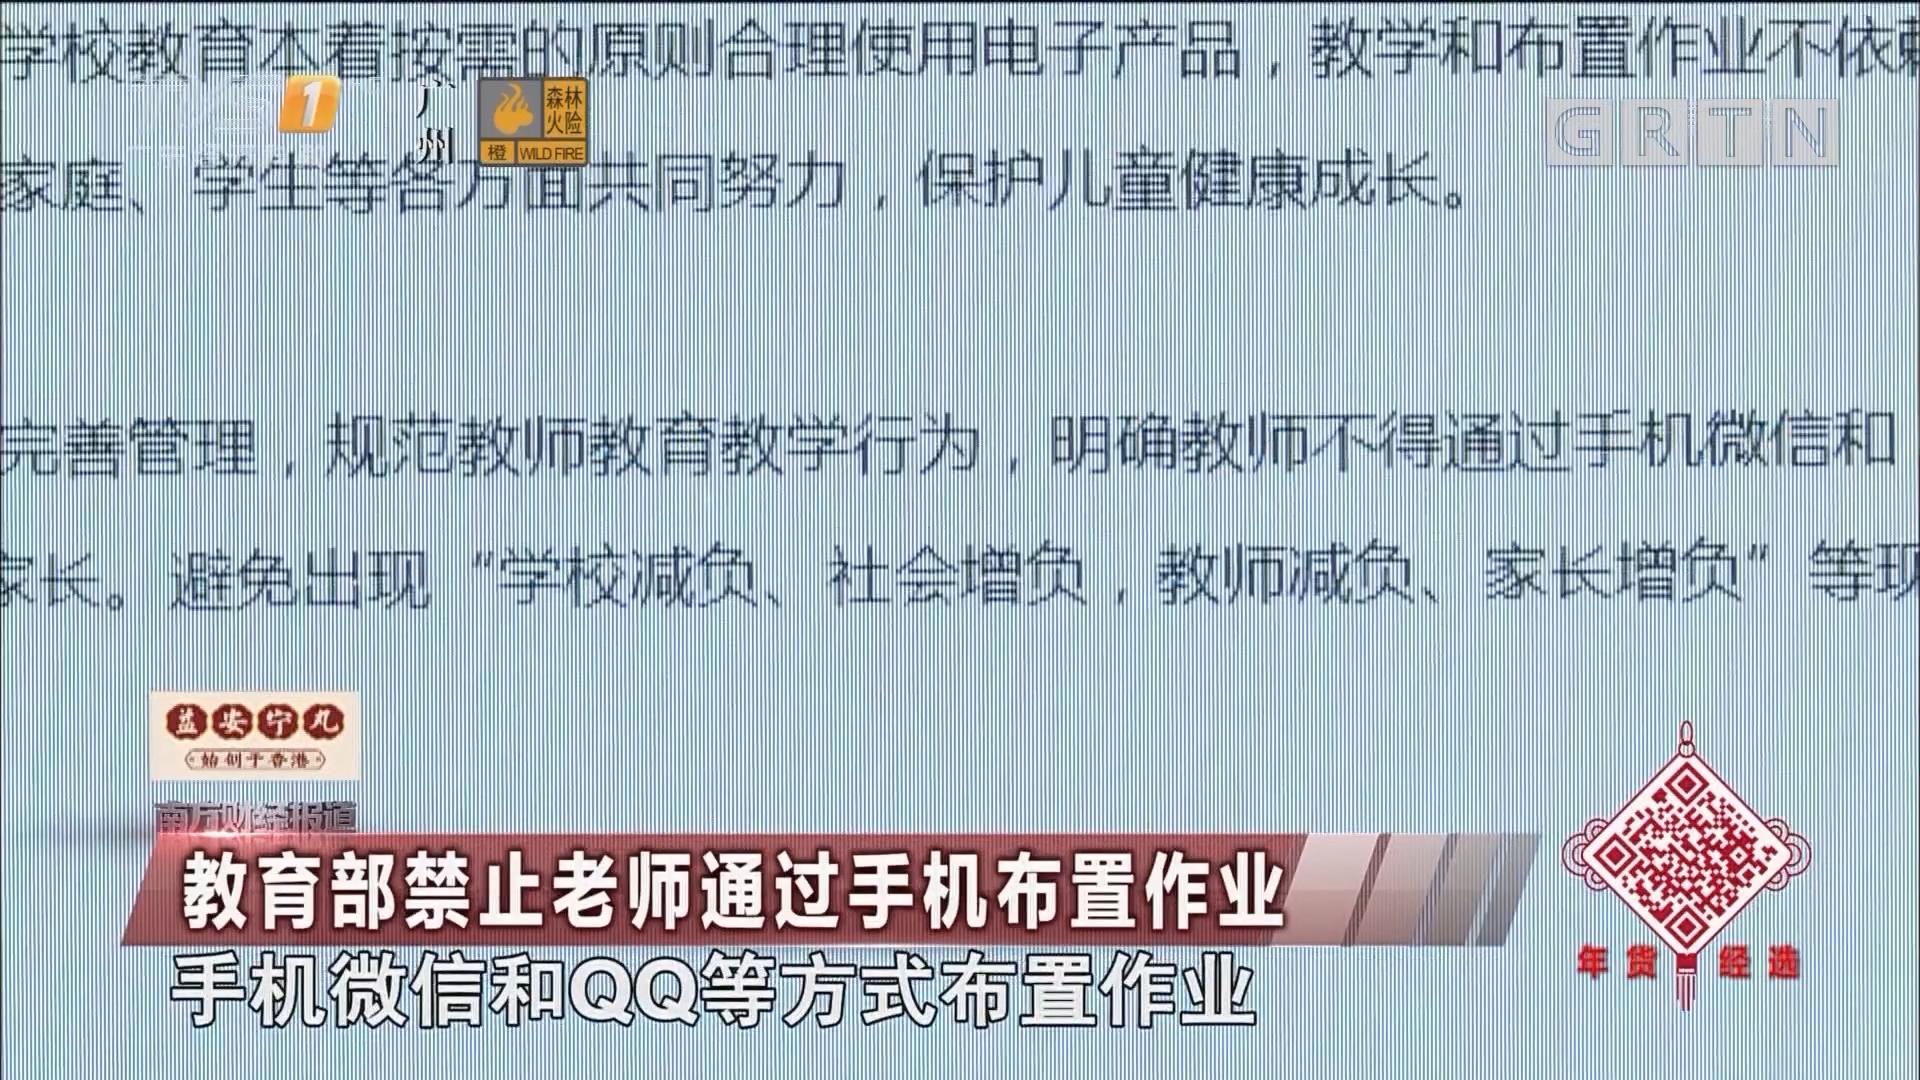 教育部禁止老师通过手机布置作业